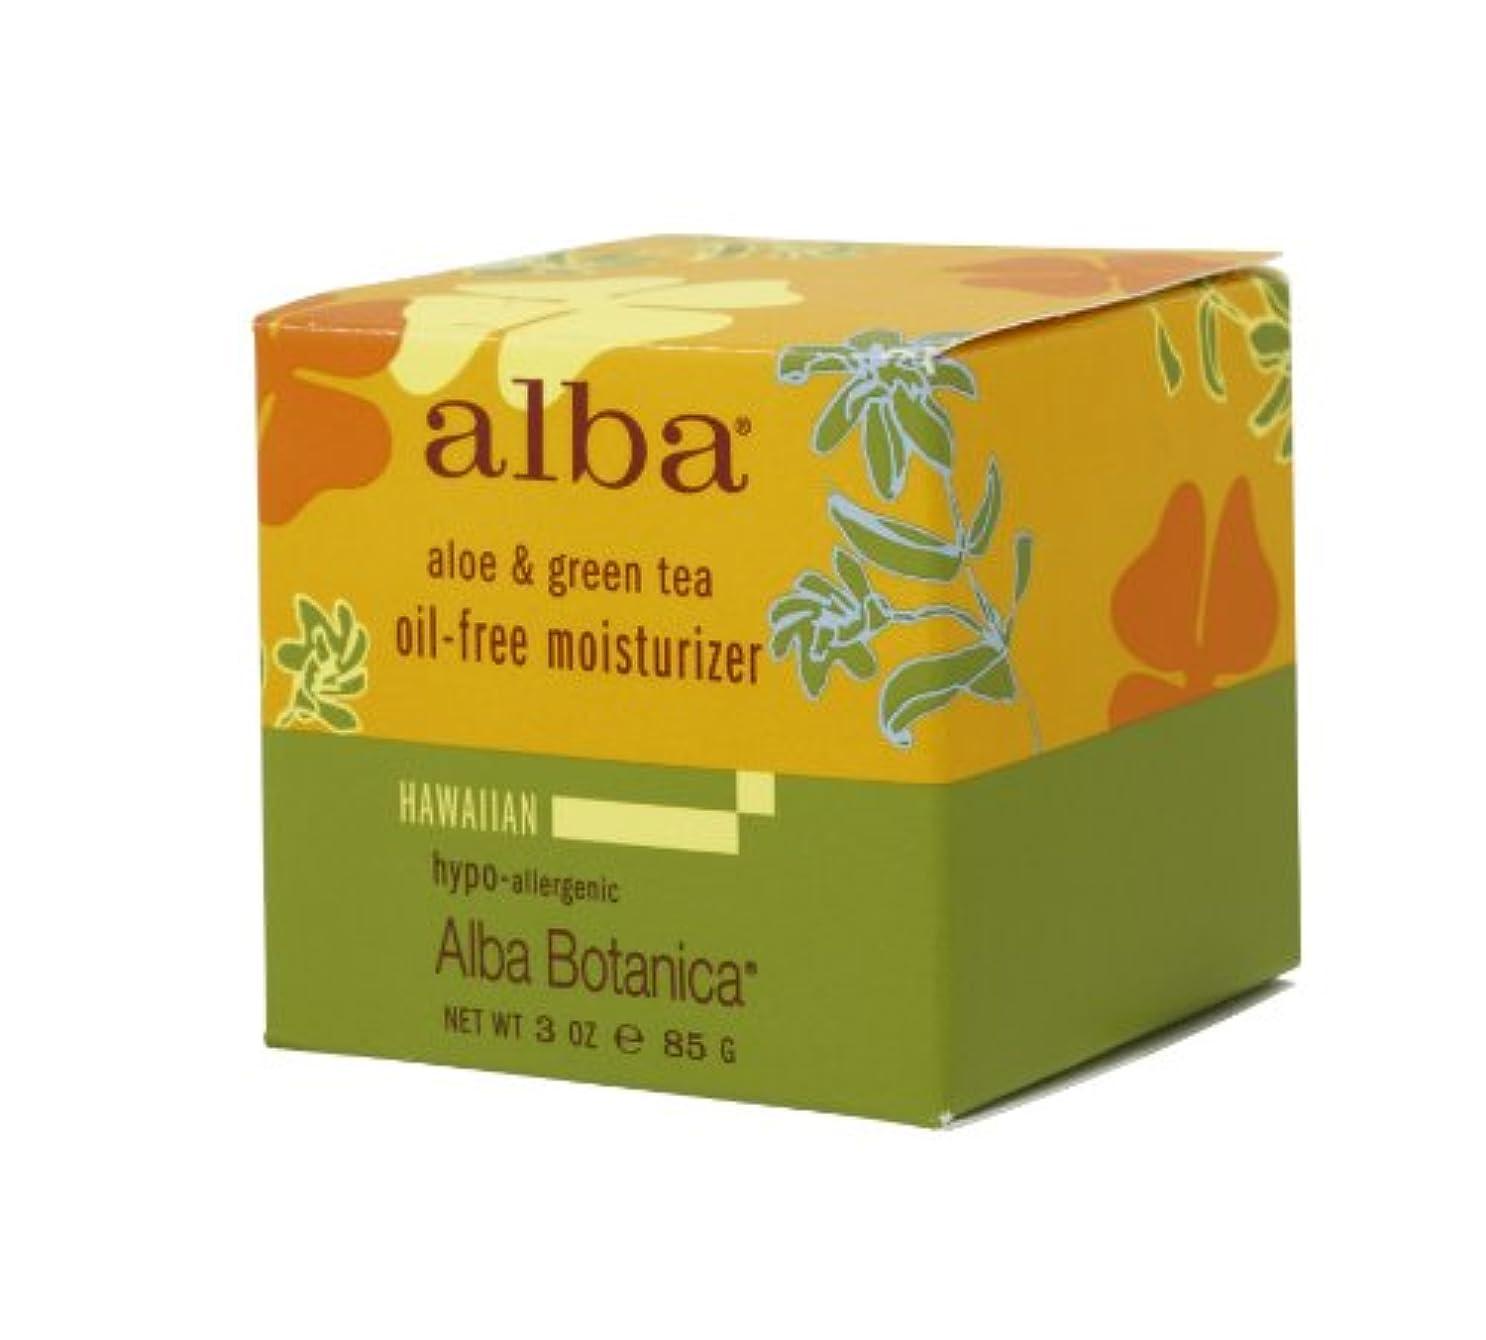 香港バース破壊alba BOTANICA アルバボタニカ ハワイアン オイルフリーモイスチャークリームAG アロエ&グリンティー